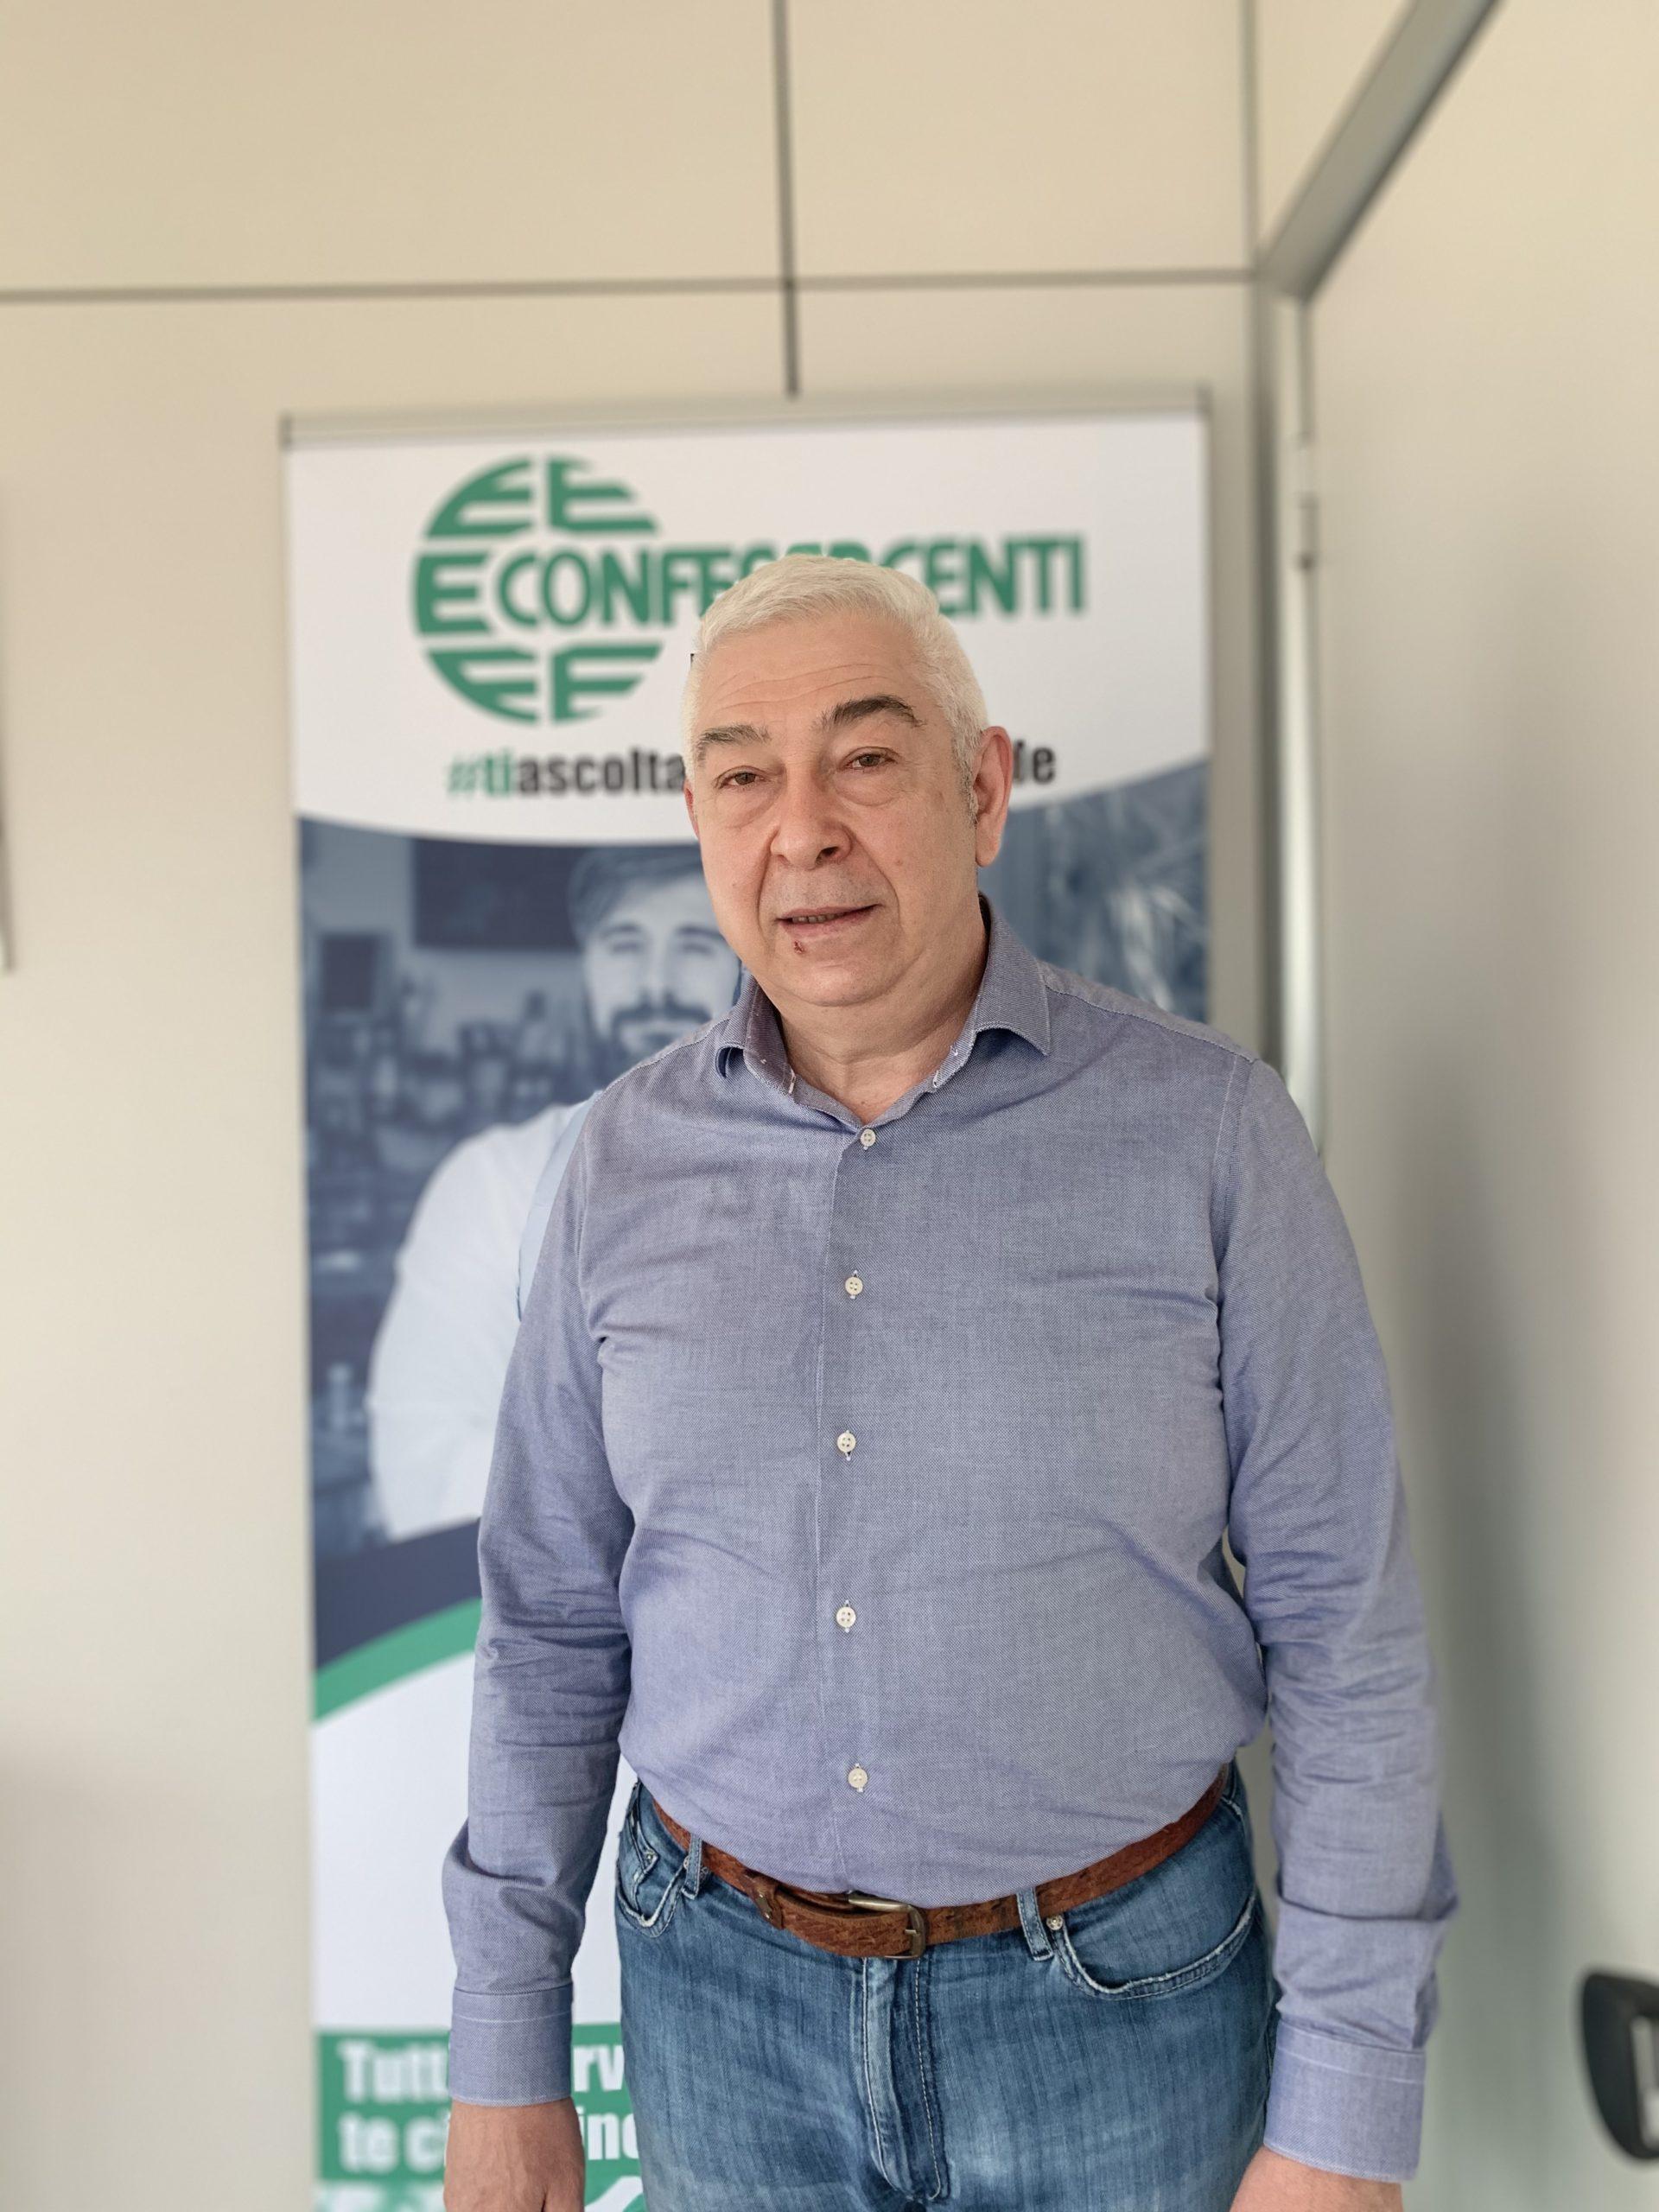 Confesercenti Pistoia: Leonardo Bolognini confermato Presidente Confesercenti Piana